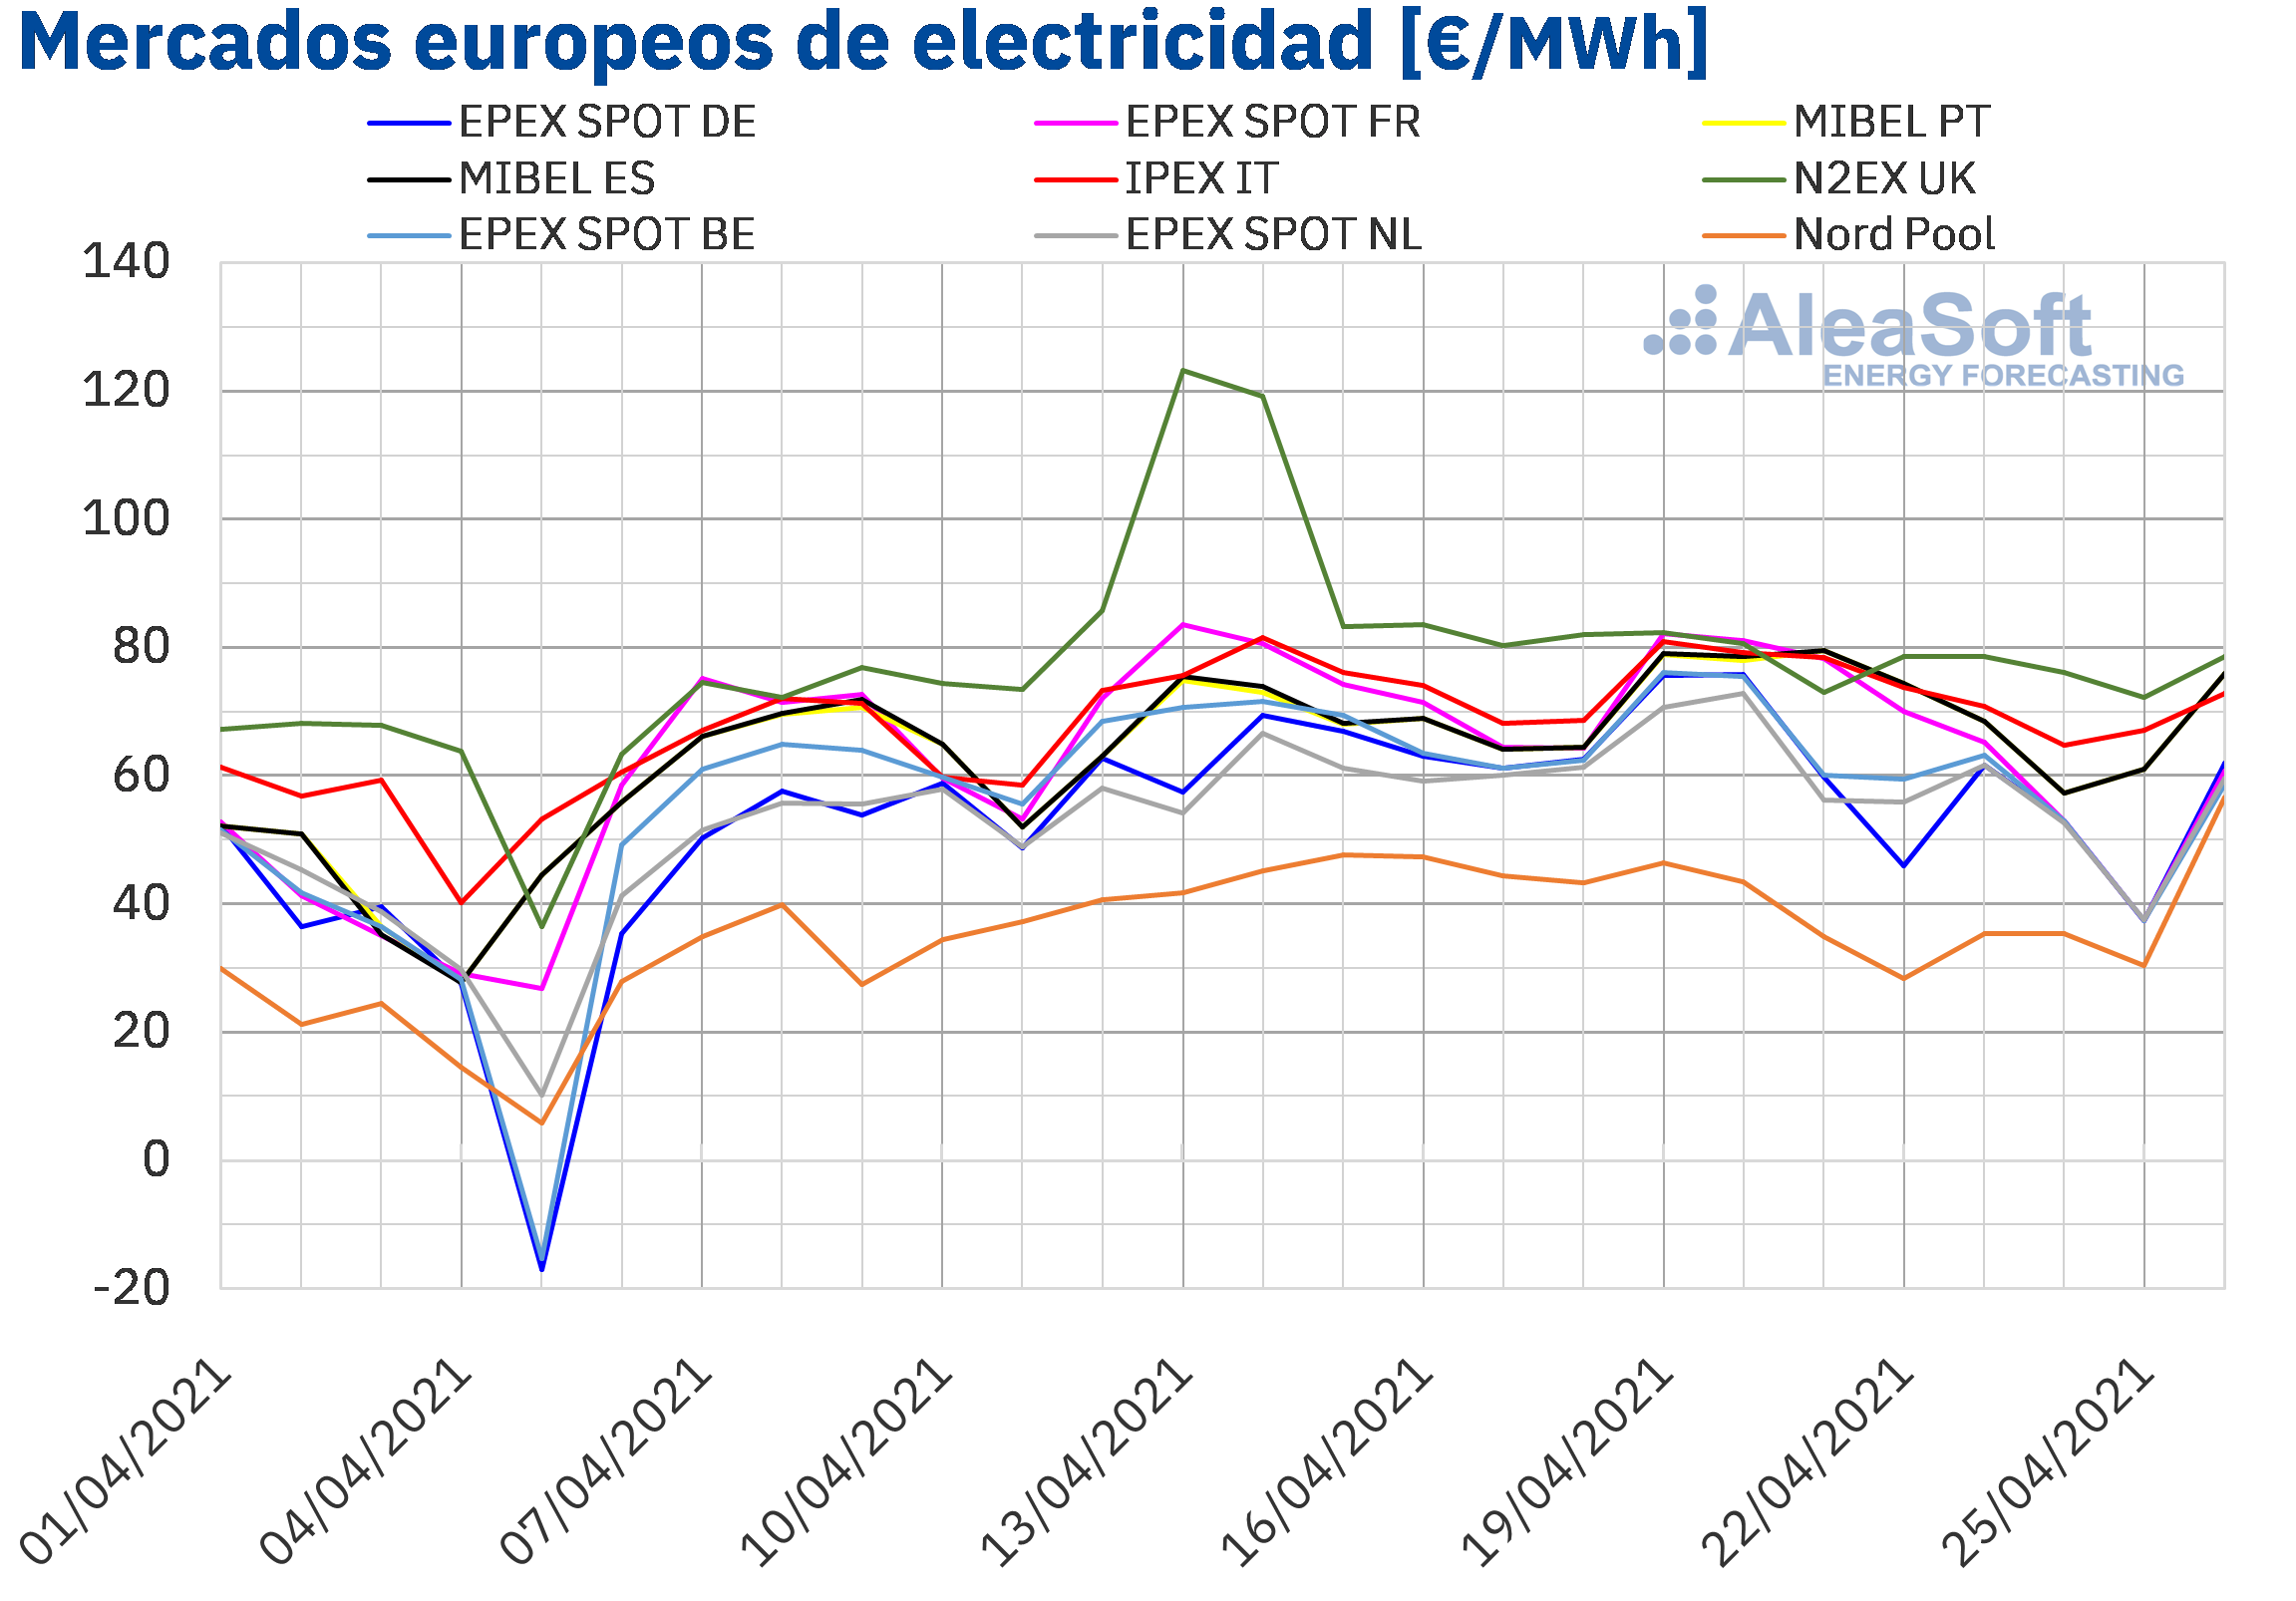 AleaSoft: La caída de las renovables provoca precios máximos desde enero en el mercado eléctrico español